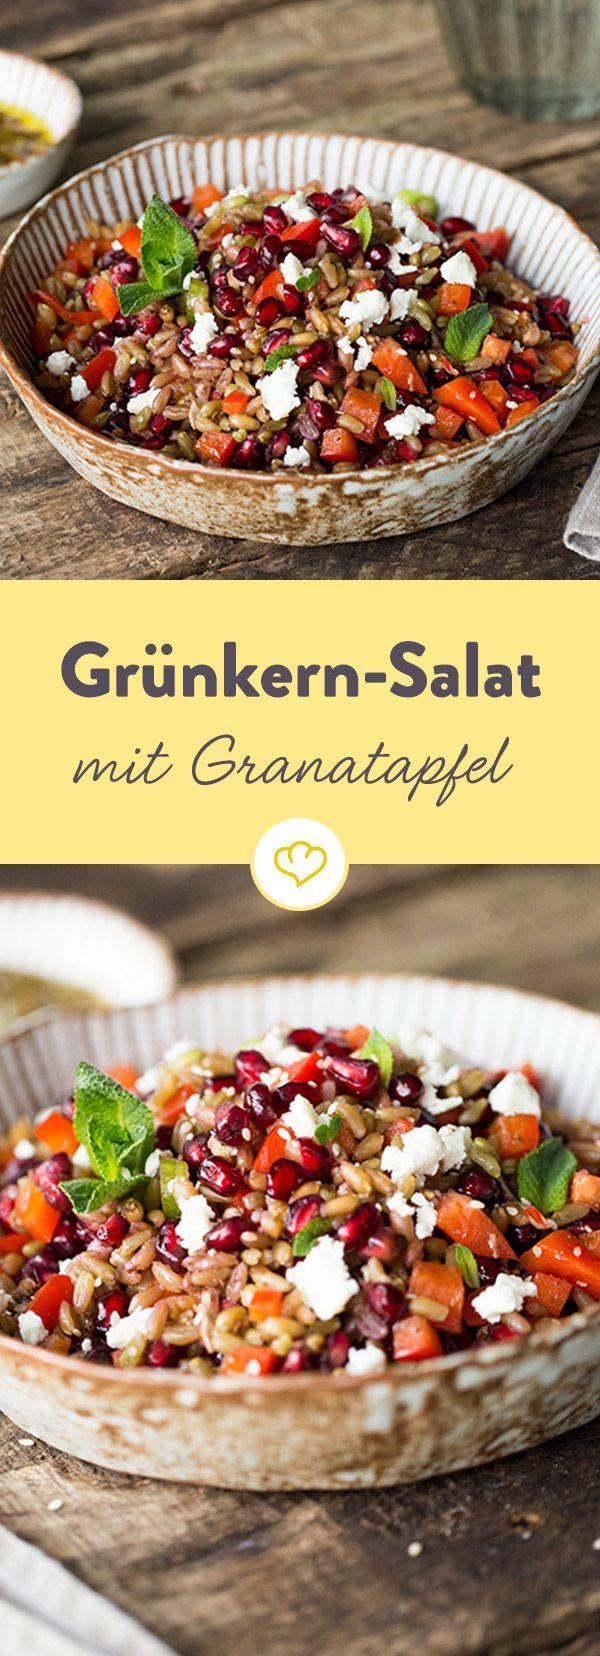 Der fein nussige Geschmack zeichnet den halbreif geernteten Dinkel aus. Zusammen mit Granatapfel, Paprika und Minze ein sättigender Sommersalat.